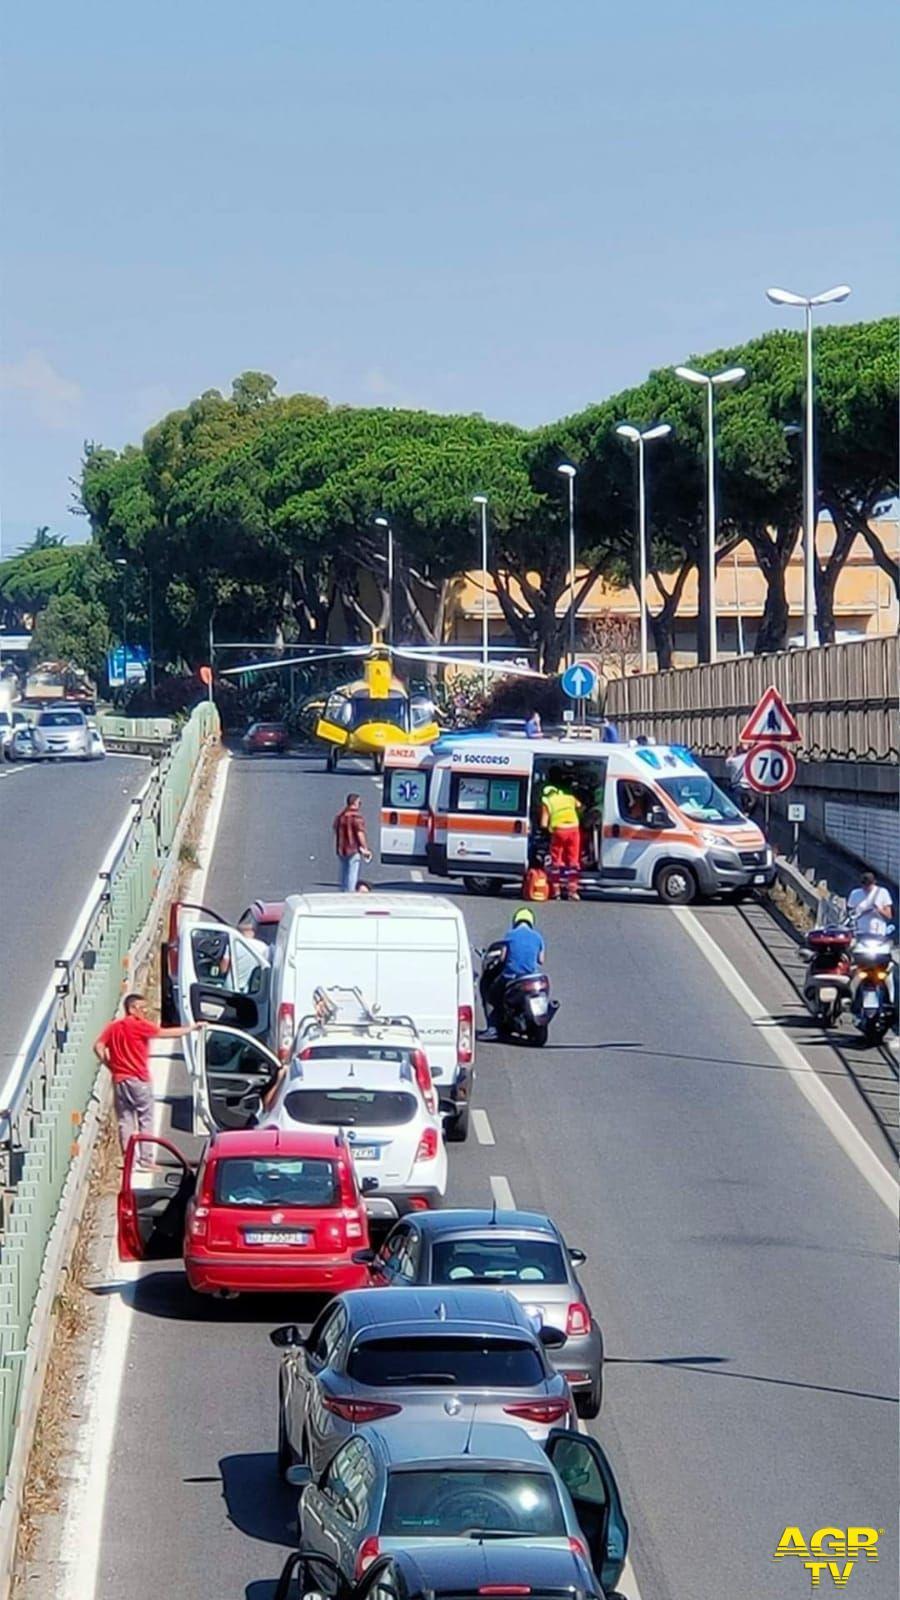 L'intervento difficile dell'elisoccorso sulla via Appia in una zona molto trafficata